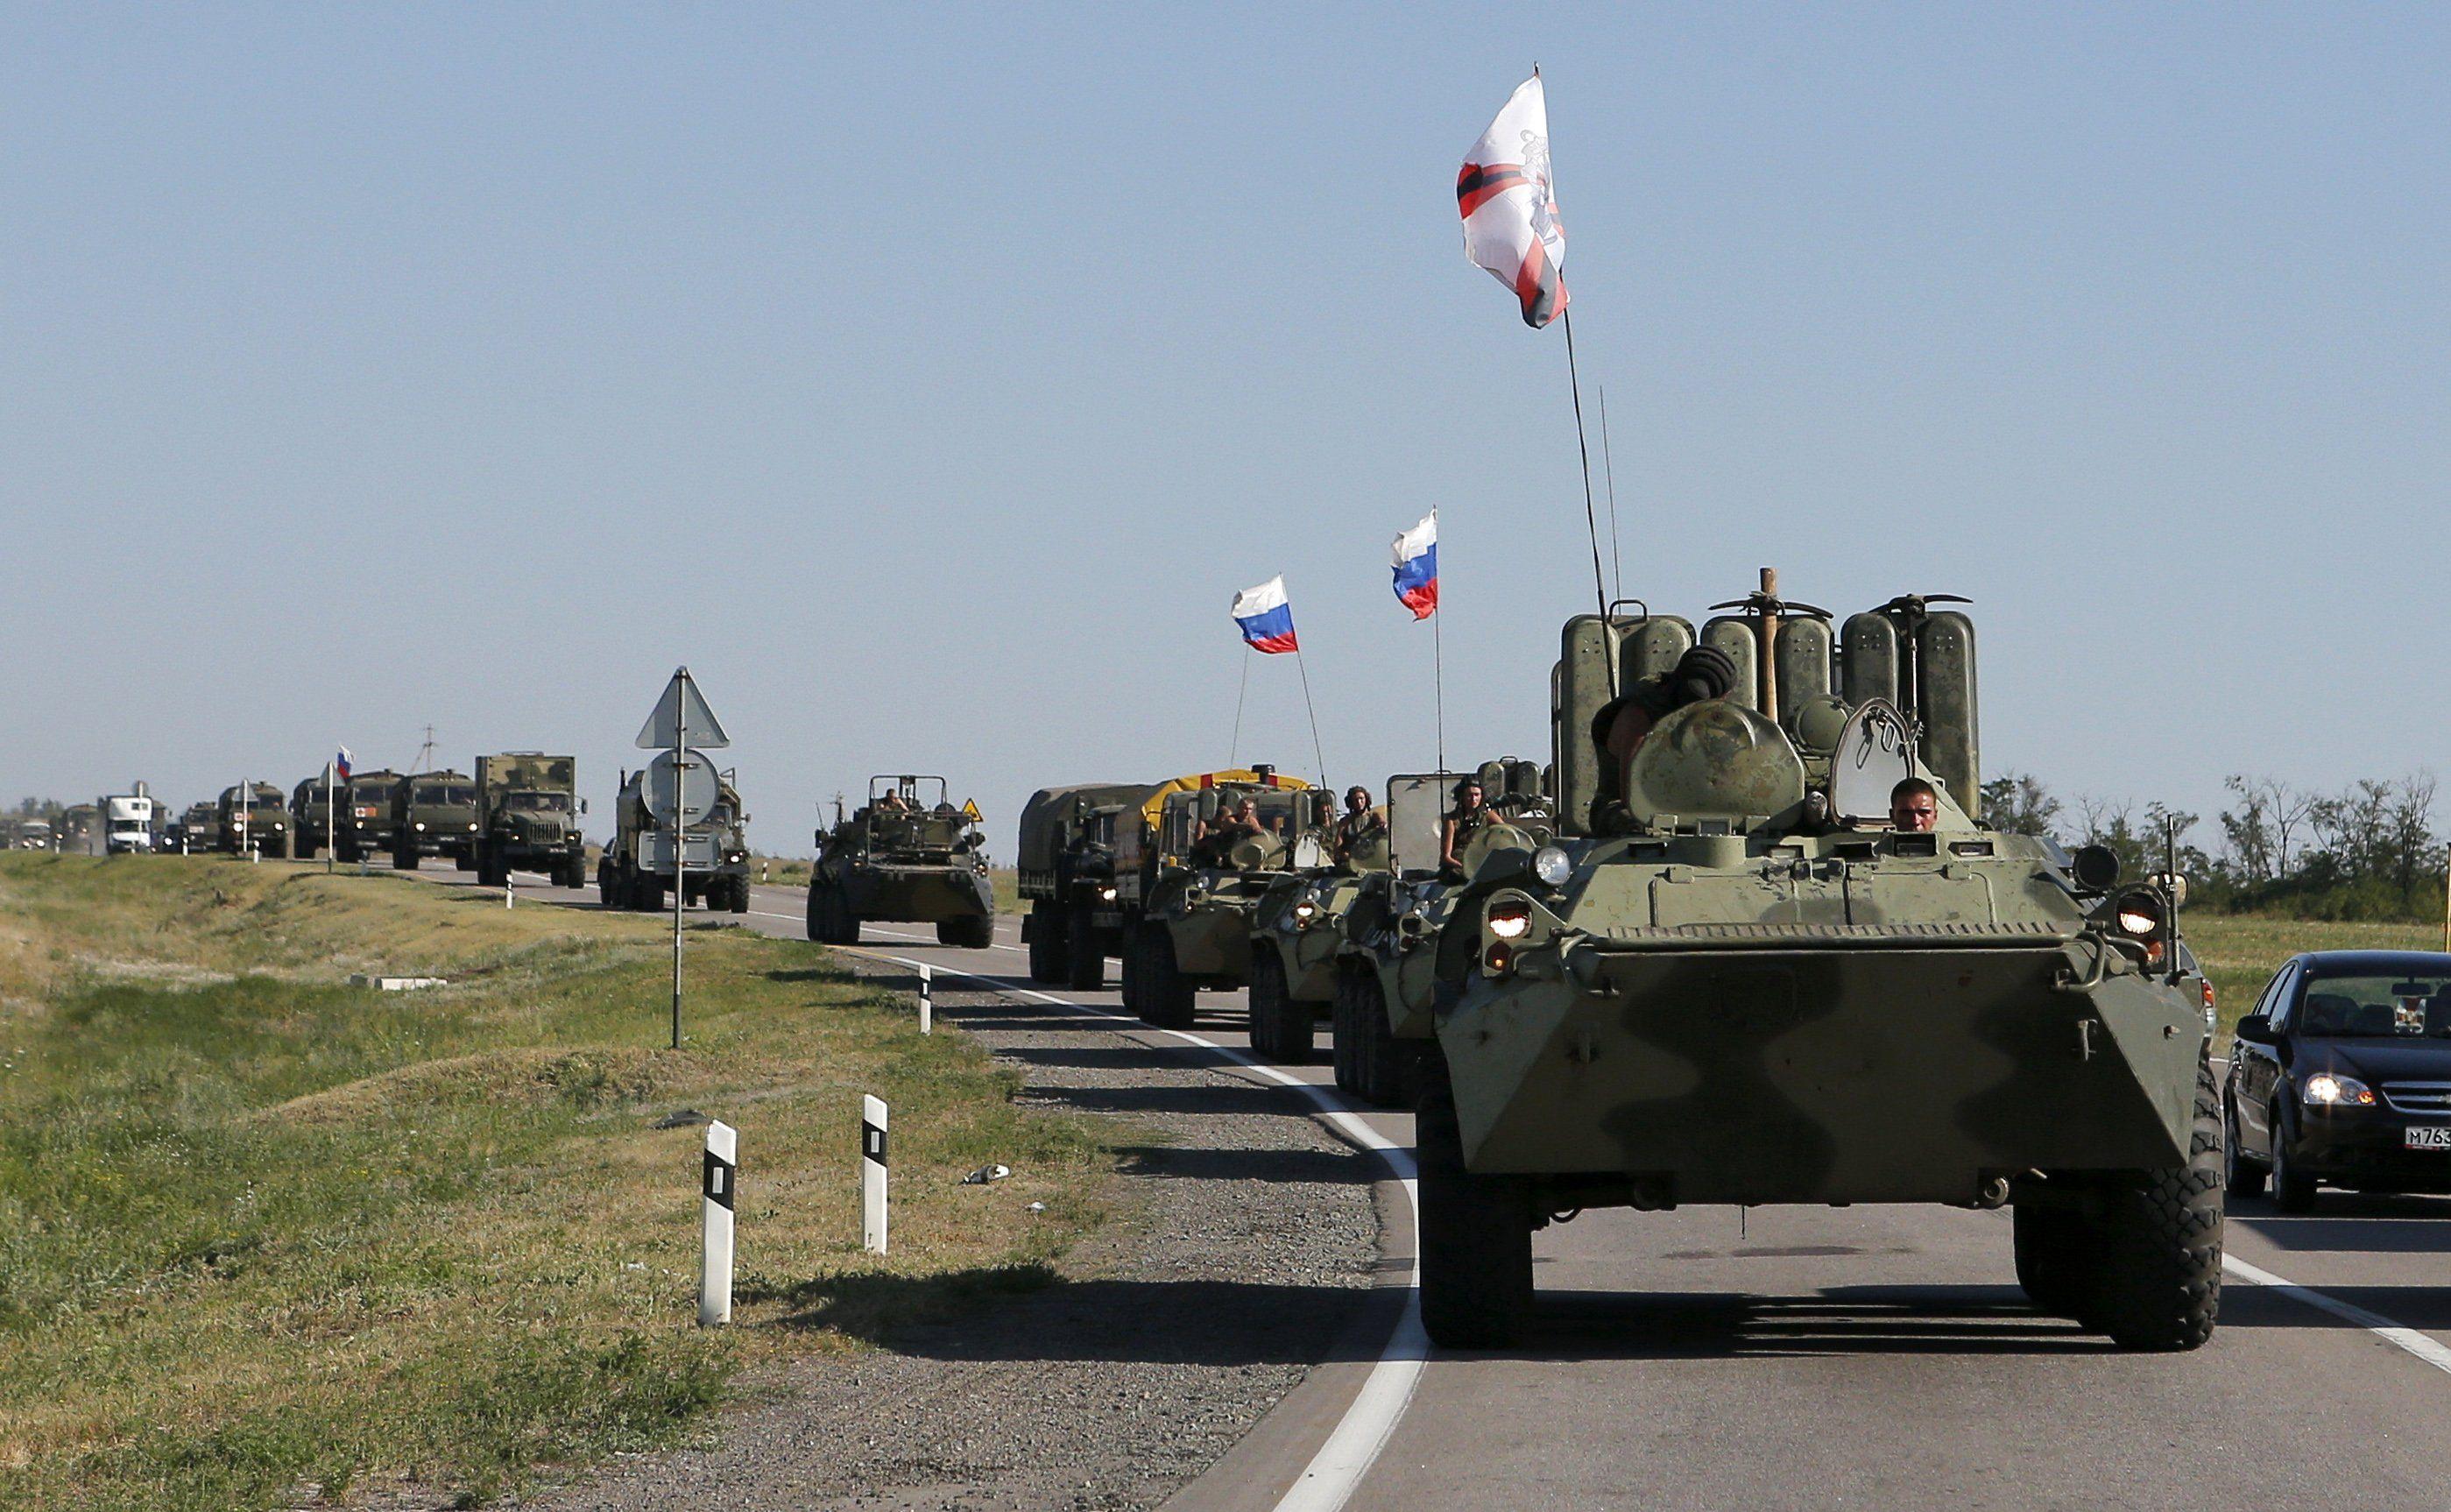 Из-за войны Россия встала на путь катастрофы